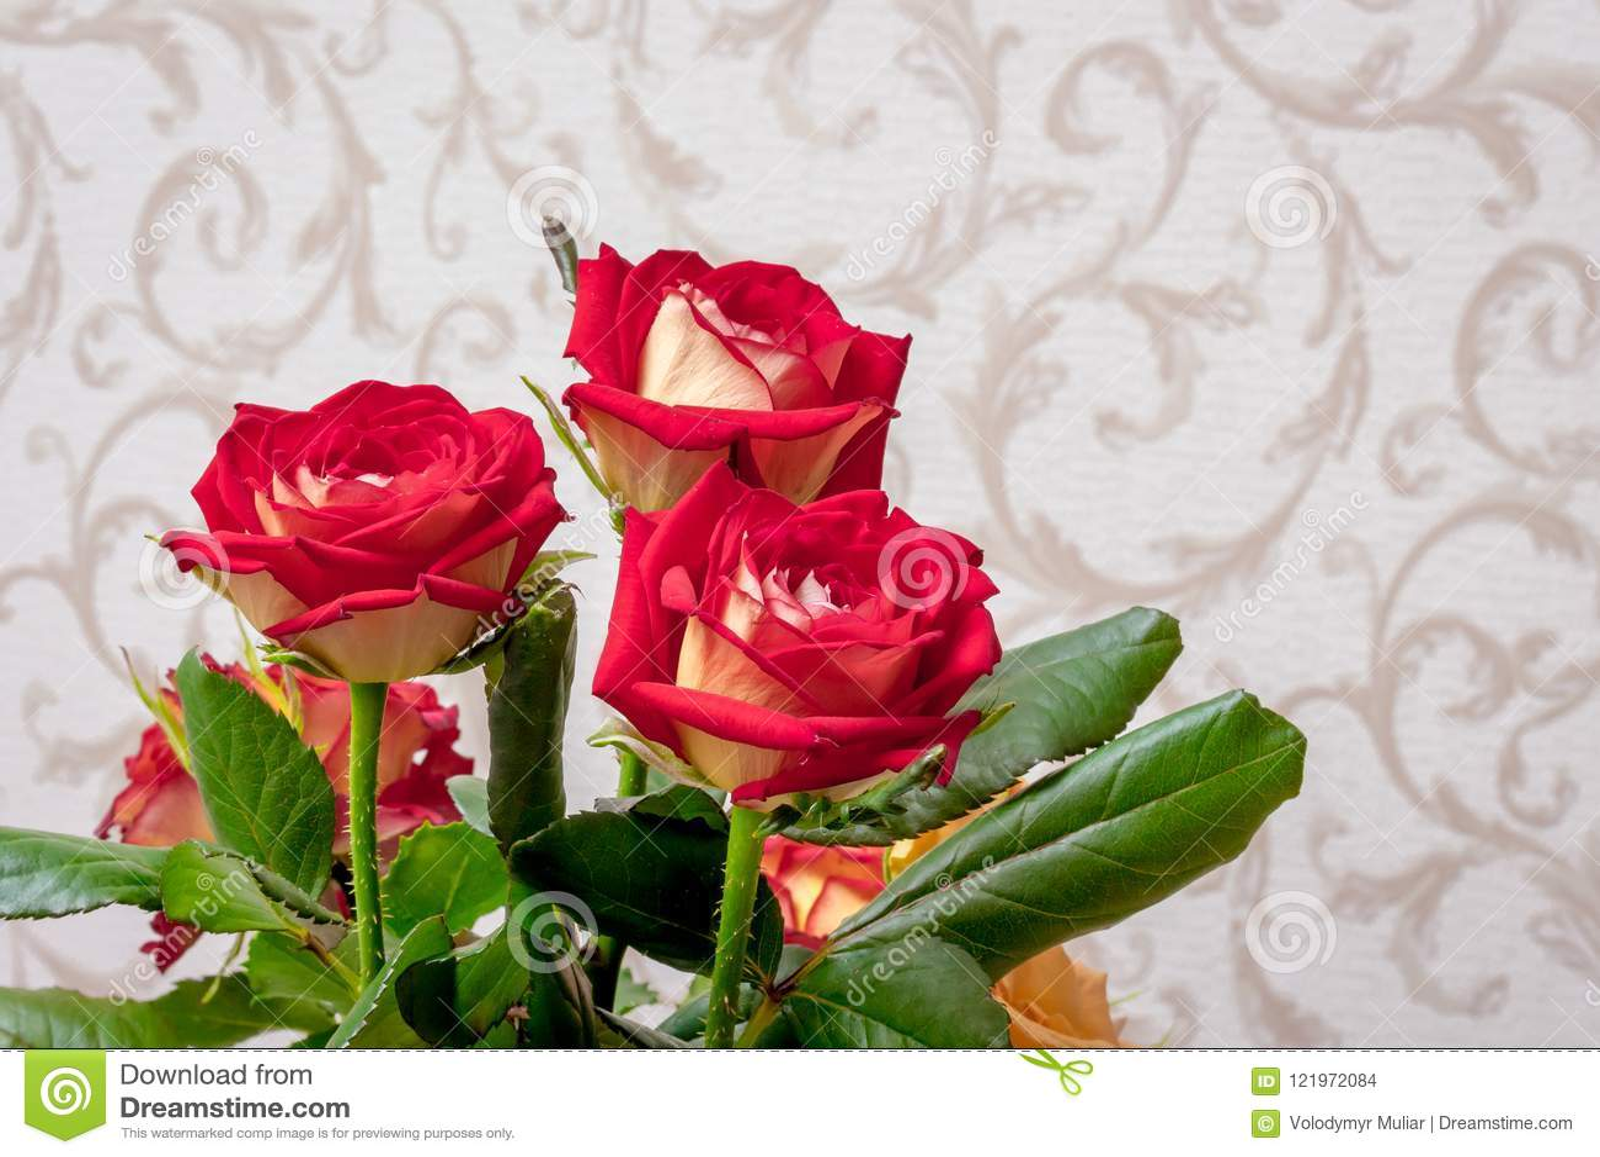 Ramalhete De Rosas Vermelhas No Fundo Do Papel De Parede Na